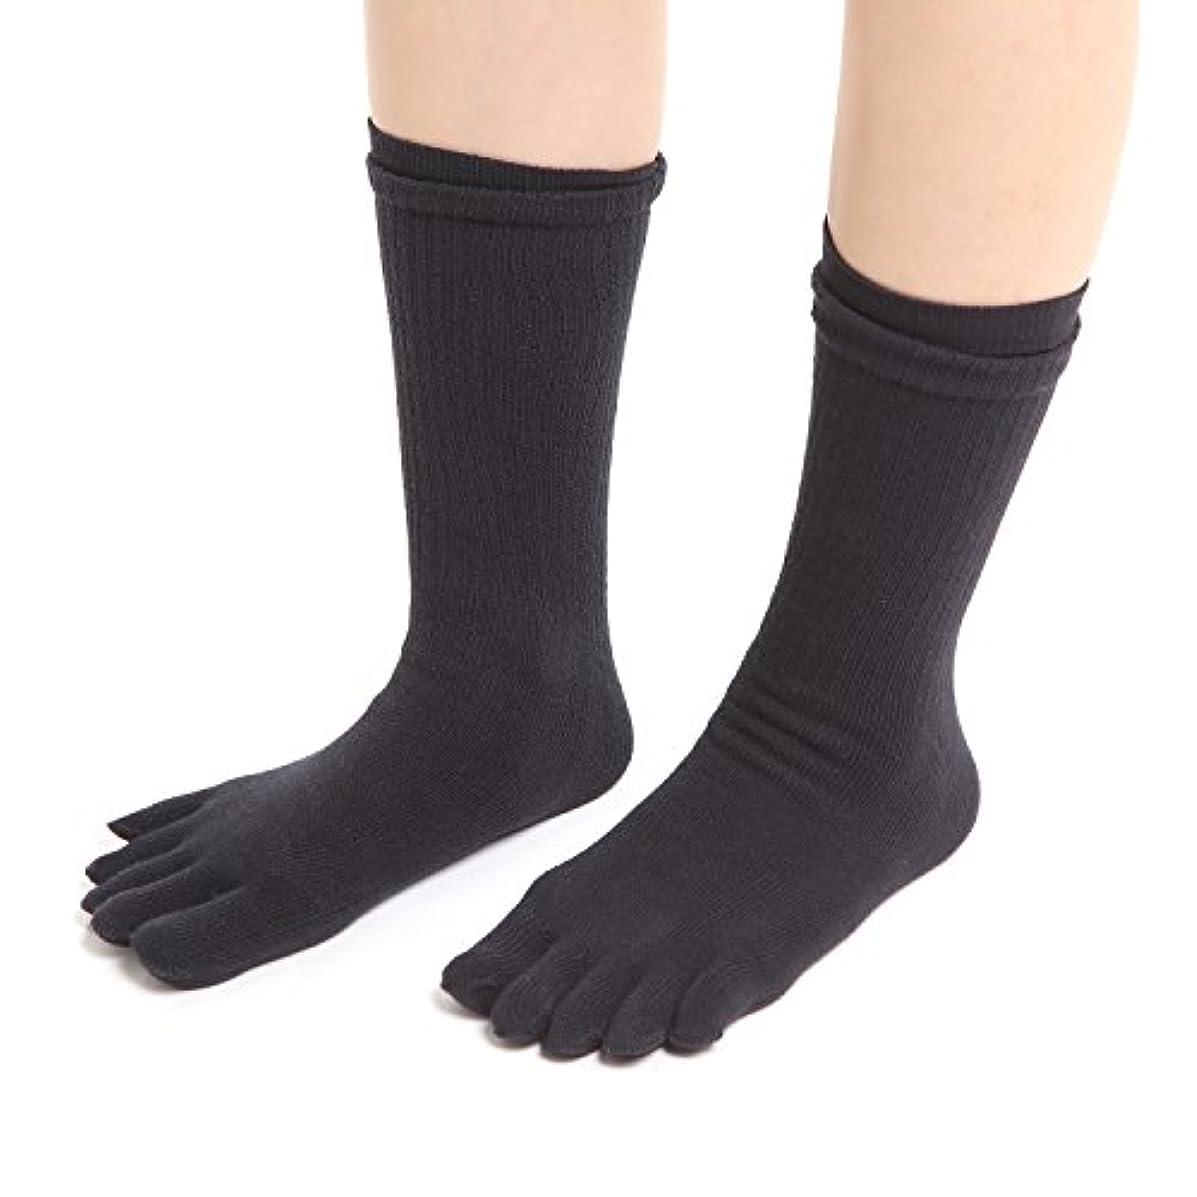 ソース住居抱擁NANA 初心者向け冷えとり靴下 内シルク外コットンソックス 2足セット 5本指ソックス フリーサイズ シルク (黒)